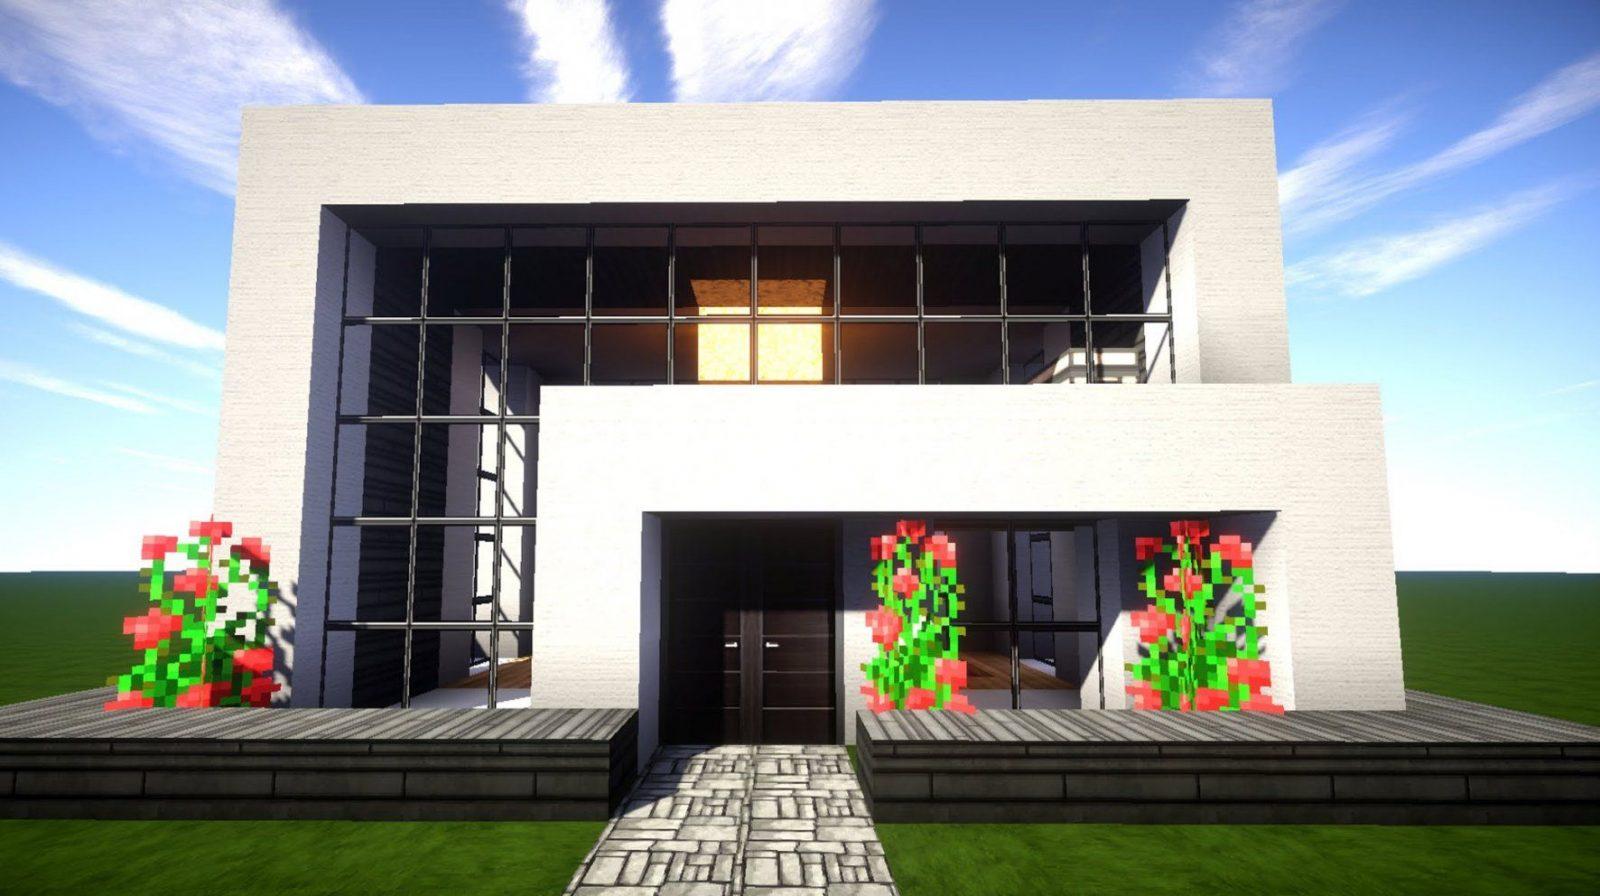 Minecraft Modernes Haus Mit Wasserfall Bauen 14X12  Tutorial von Minecraft Häuser Modern Bauplan Bild